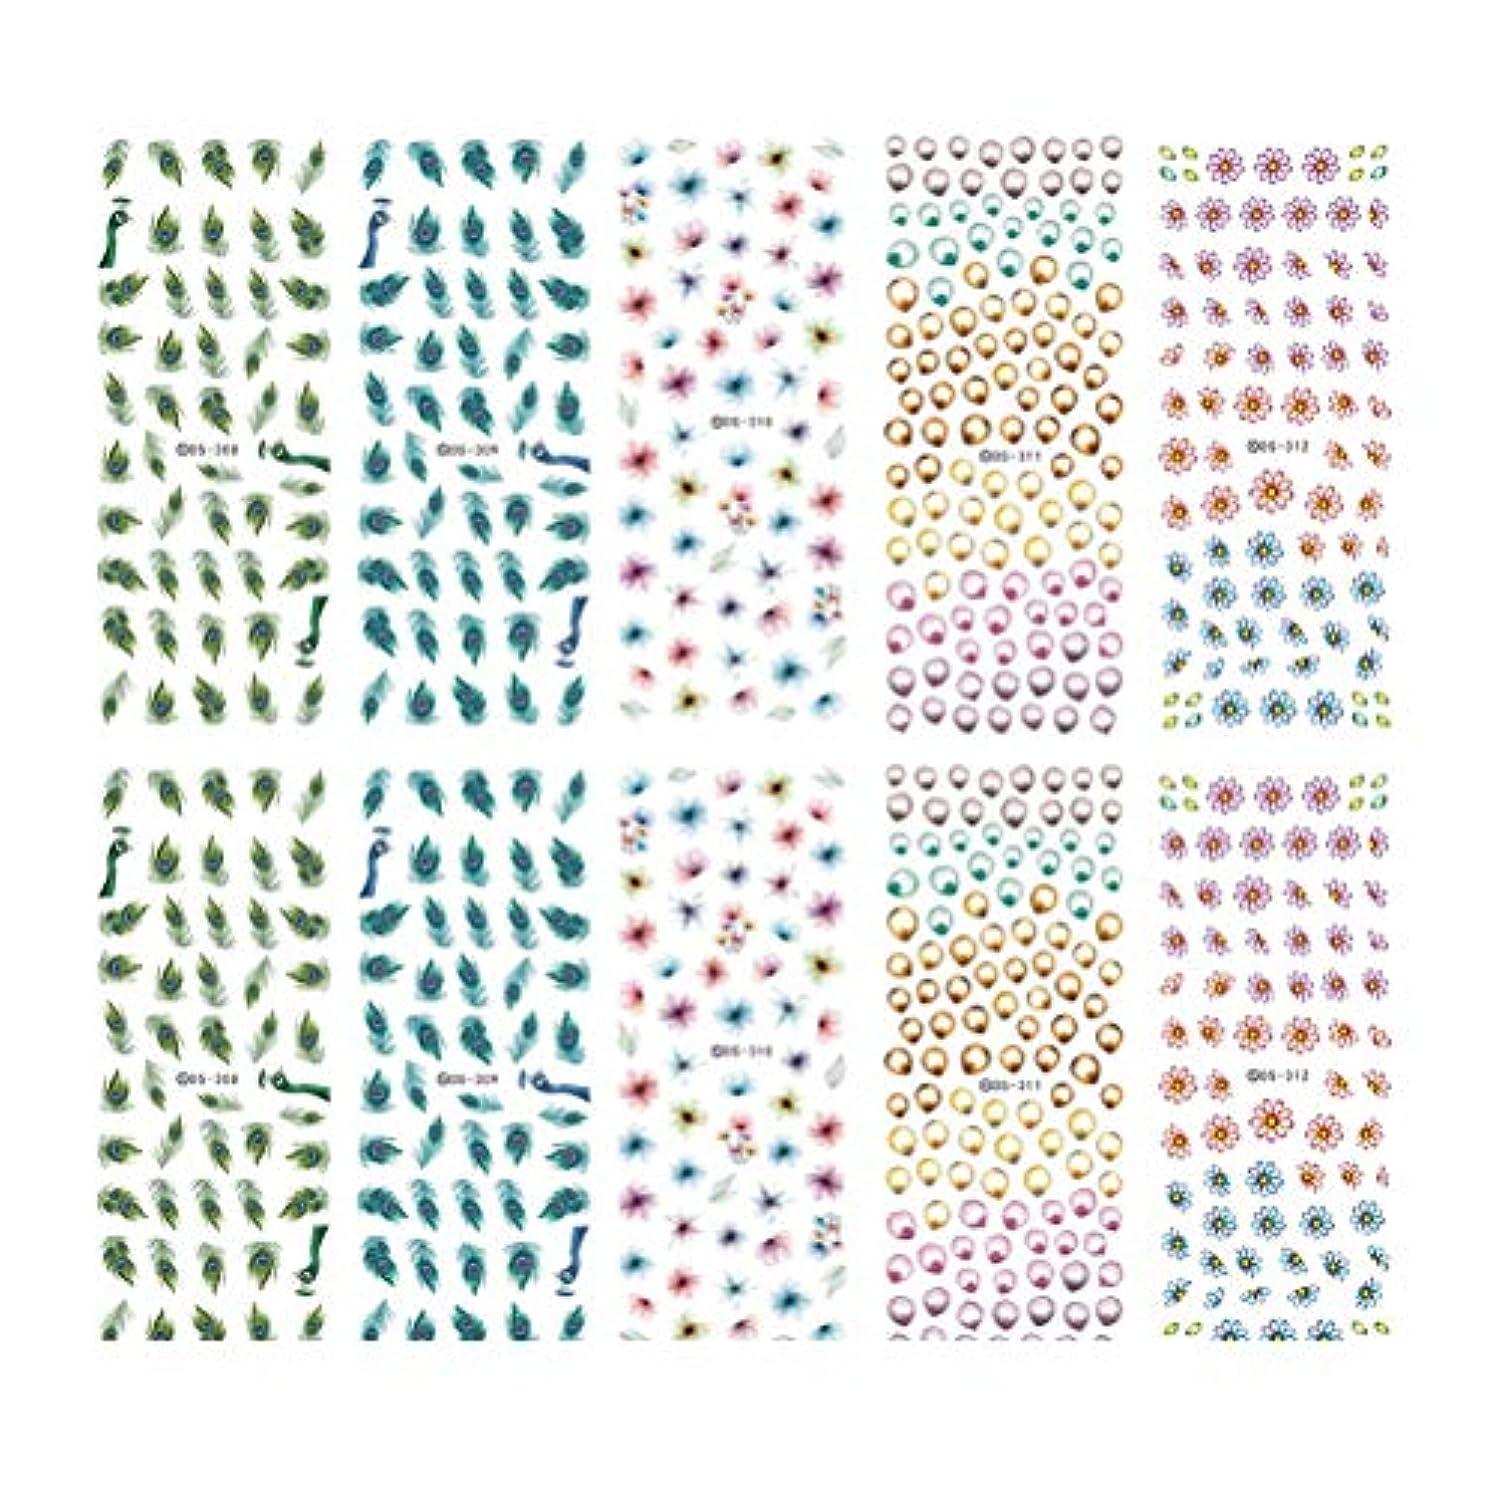 前提条件罪人オートマトンFrcolor ネイルシール 水彩風 3D ネイルステッカー 花 ネイルホイル デザイン ネイルアートシール 爪に貼るだけ マニキュア 10枚セット